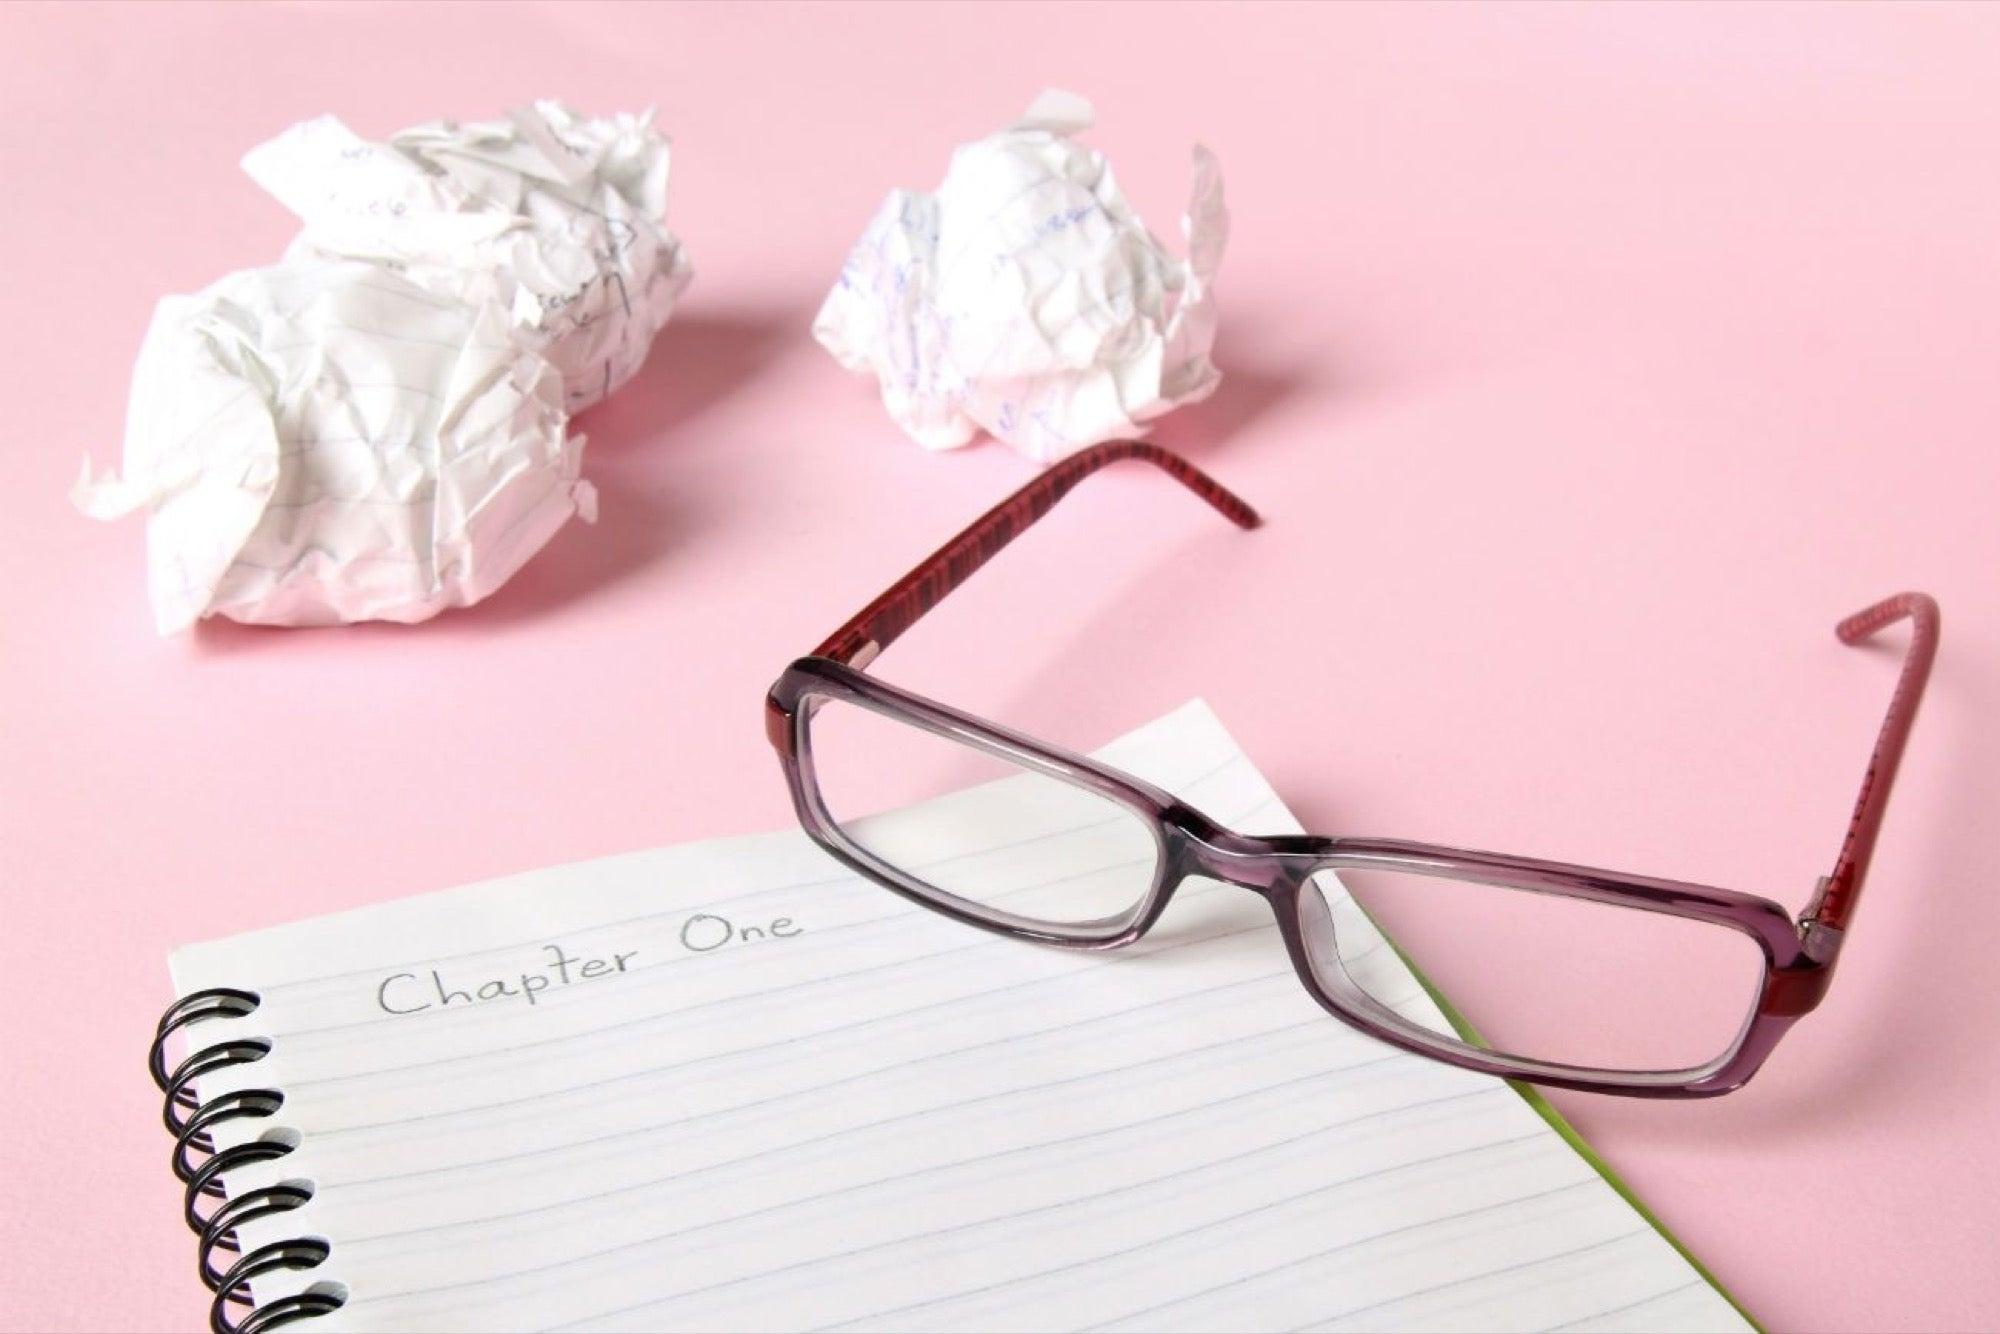 8 soluciones para el bloqueo de escritor